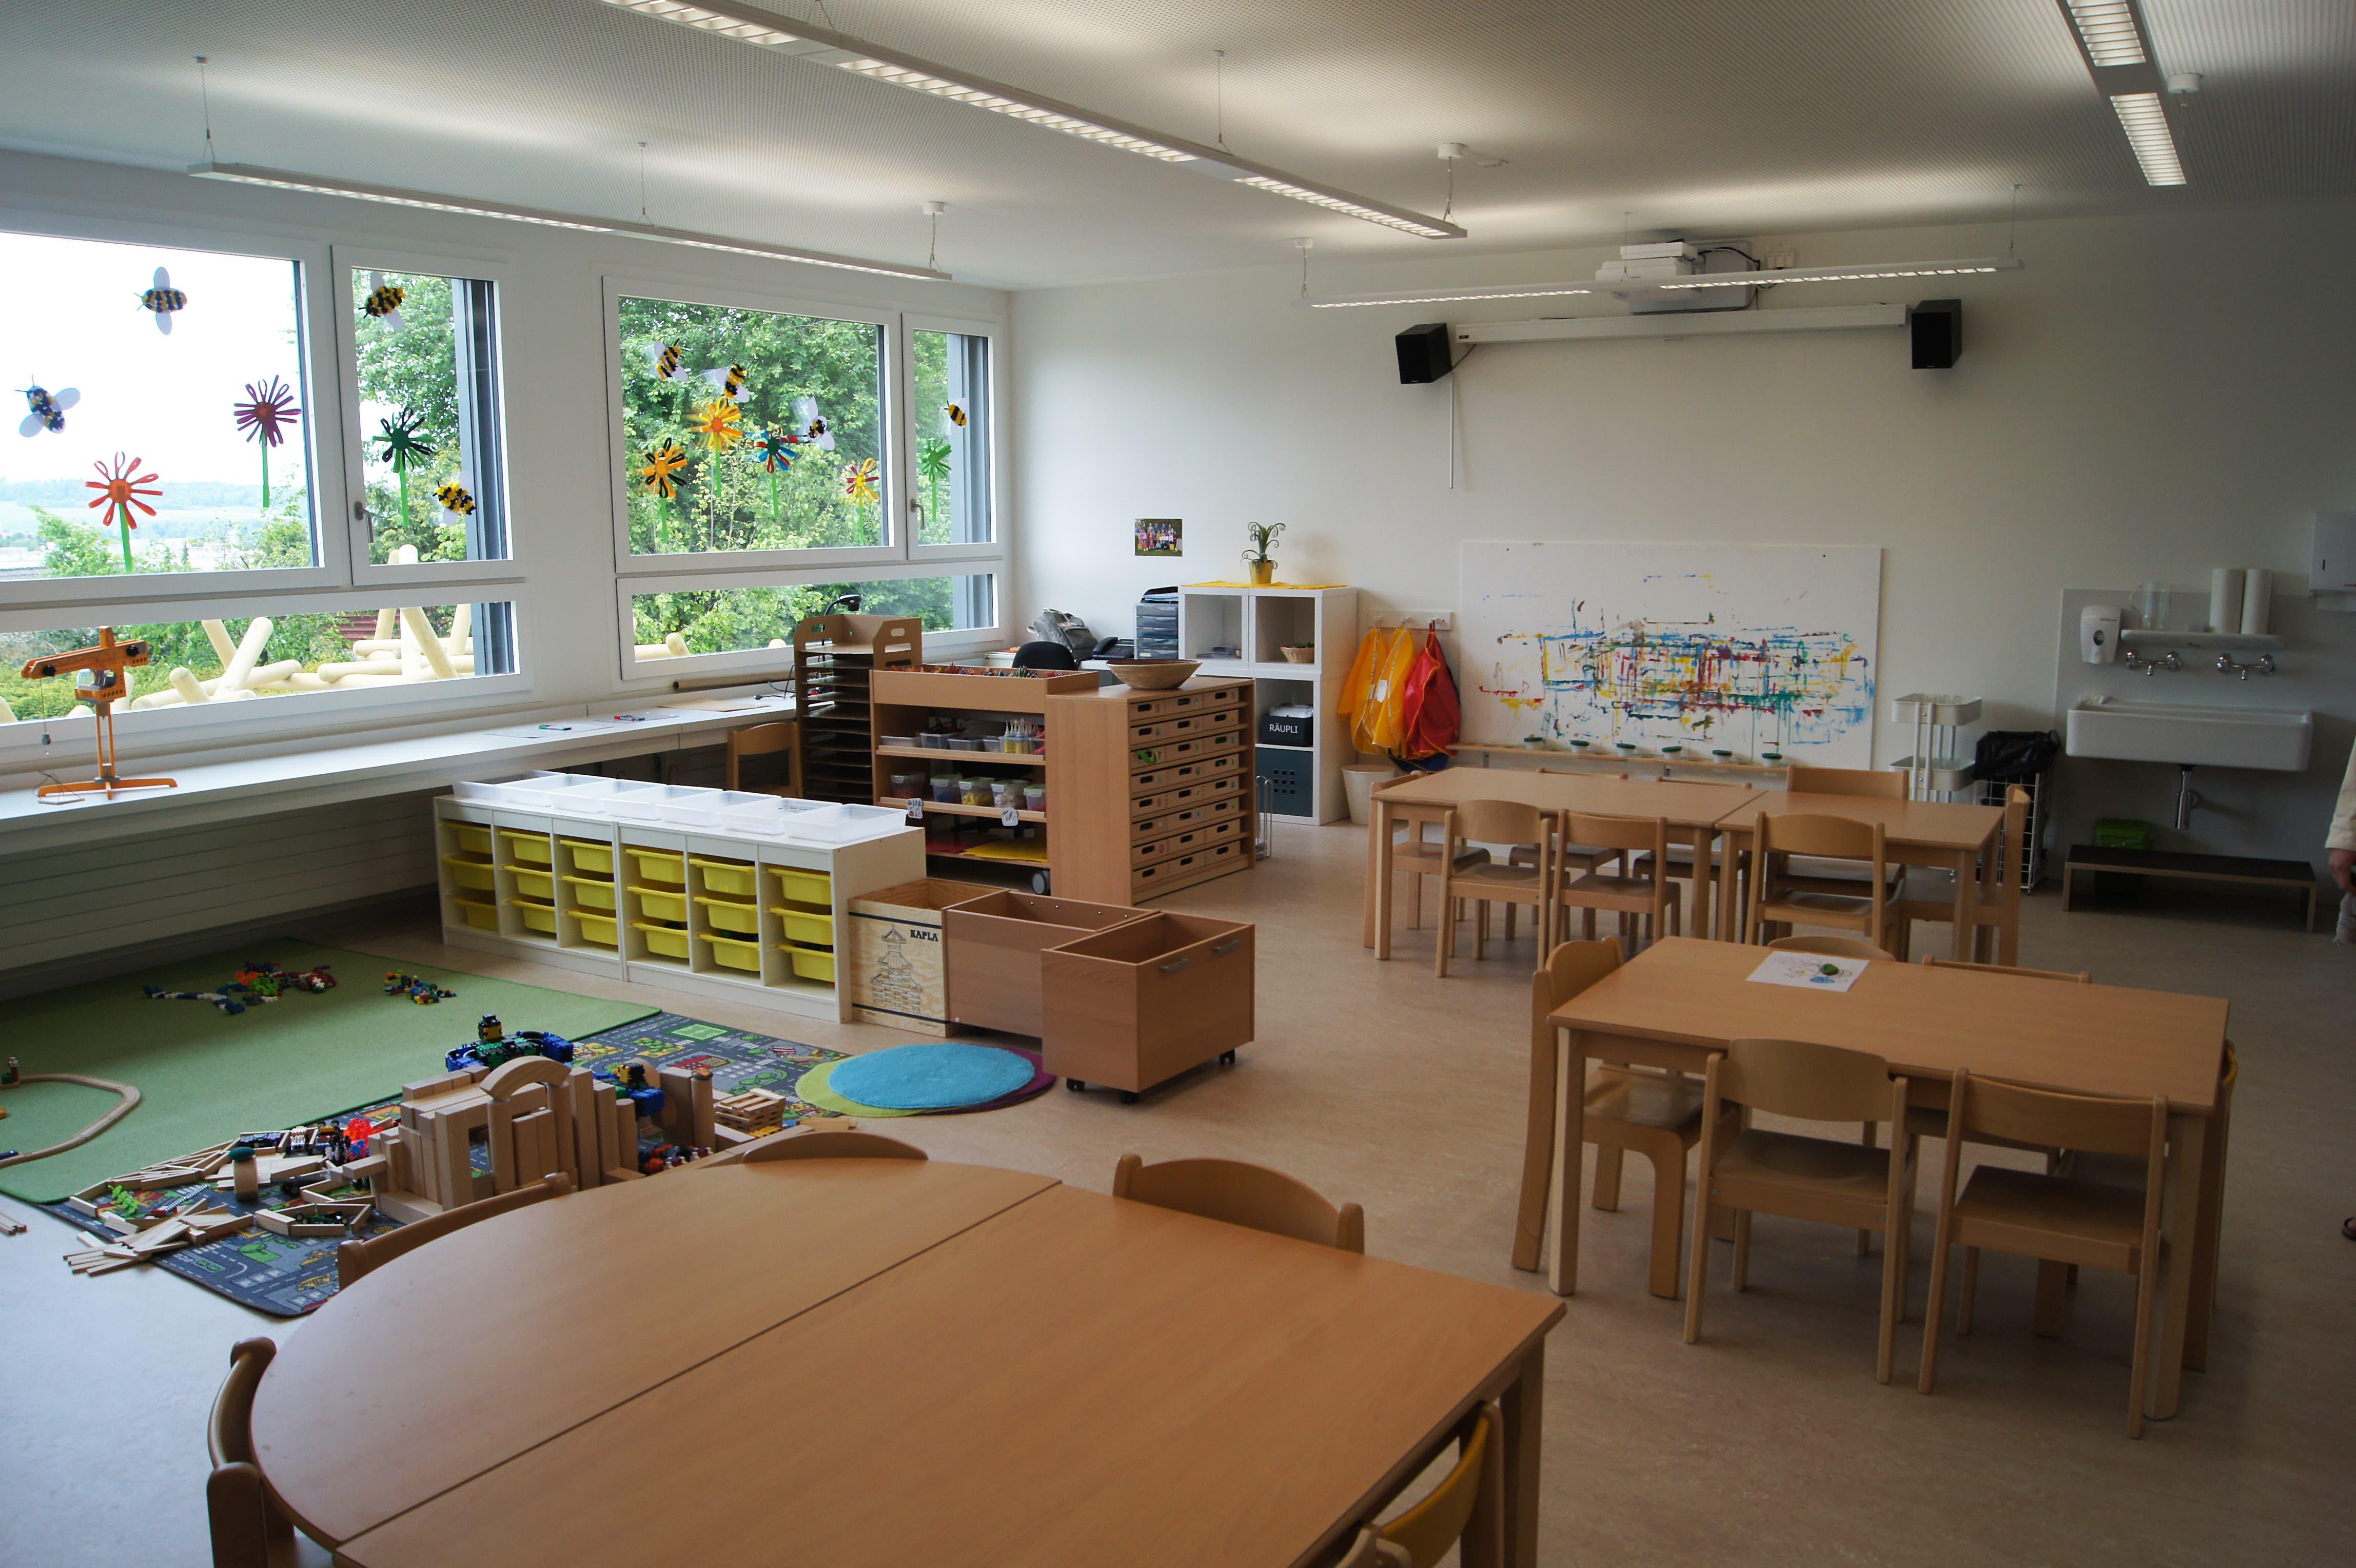 Die Gemeinde Uitikon erwartet in den nächsten Jahren einen Wachstumsschub an Einwohner. Deshalb wird die Zahl der Schülerinnen und Schüler bis zum Jahr 2025 auf gegen 600 steigen.